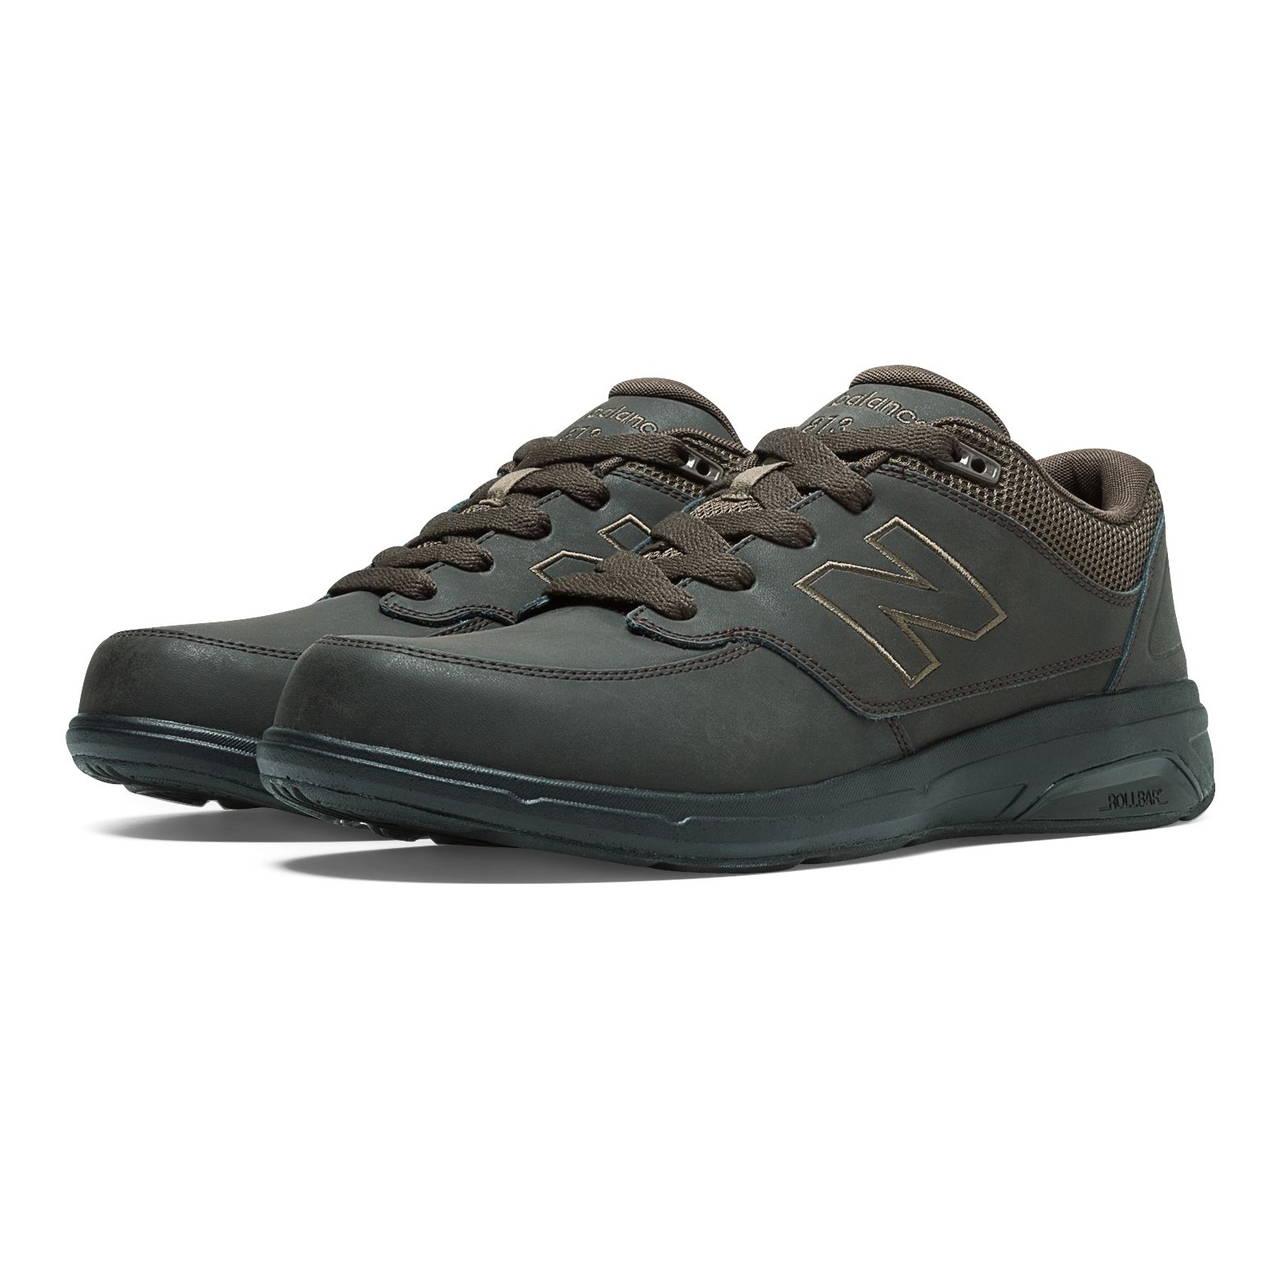 New Balance 813 Men's Walking - Brown